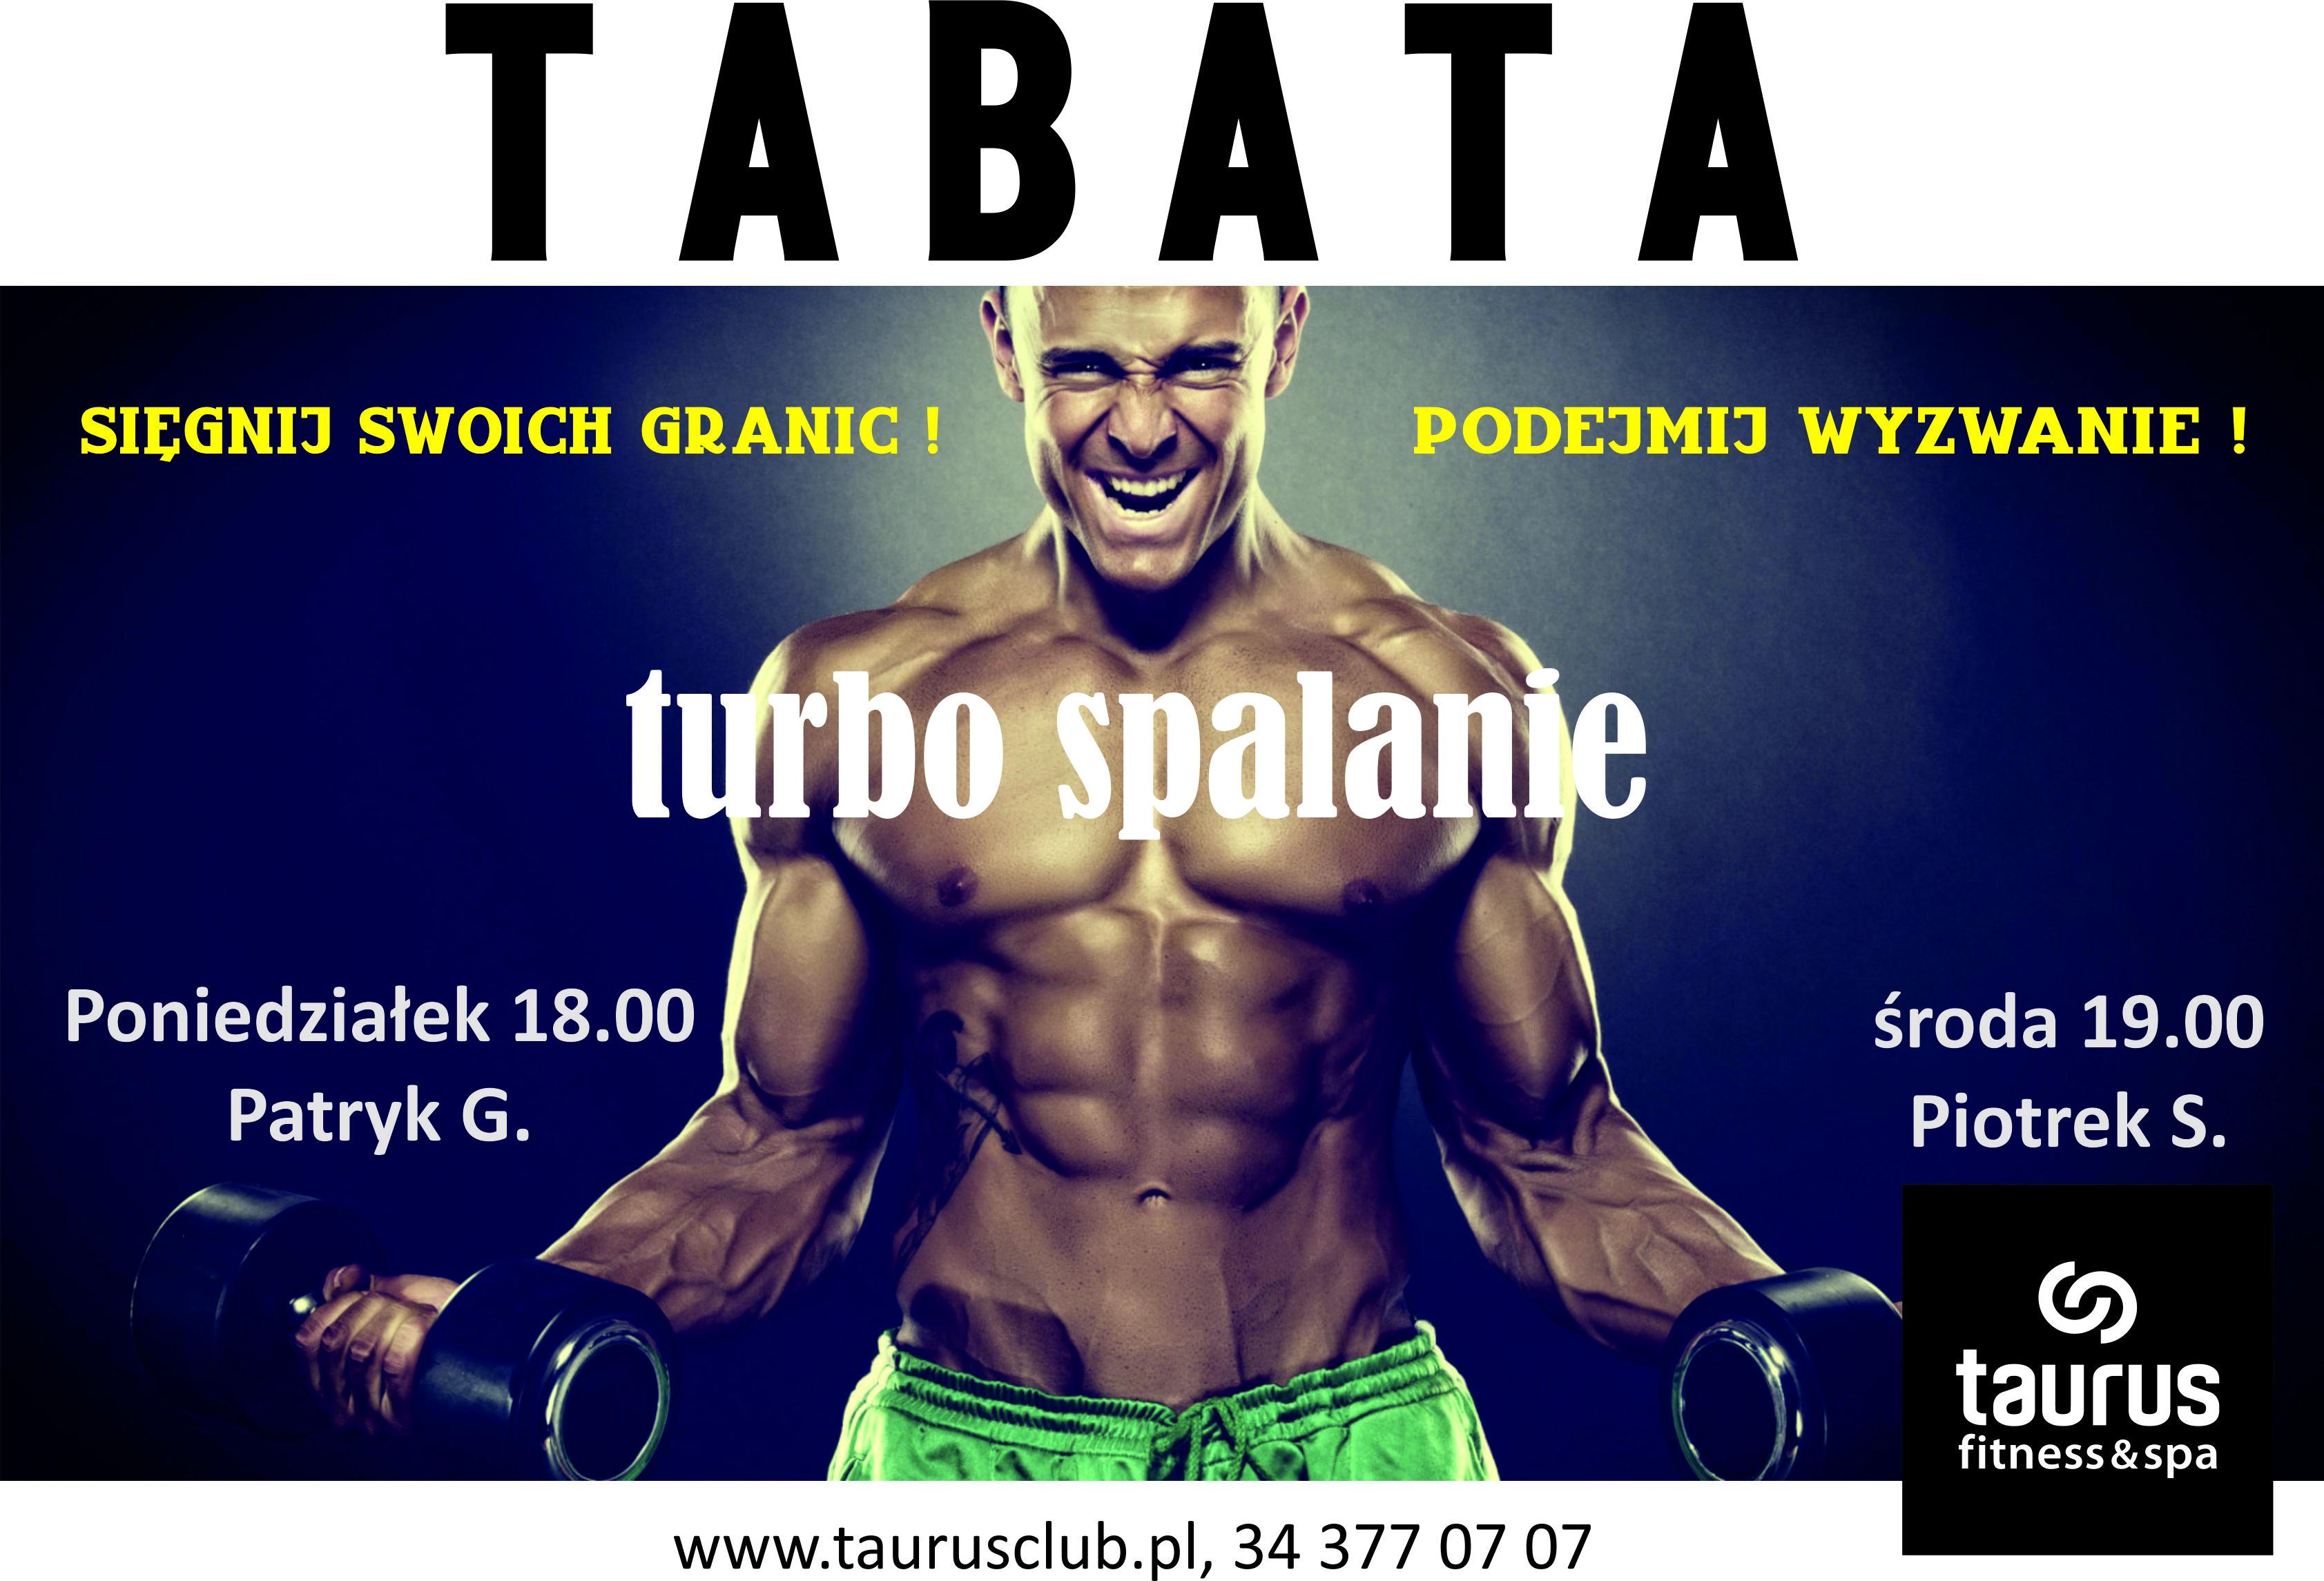 Poniedziałkowa Tabata